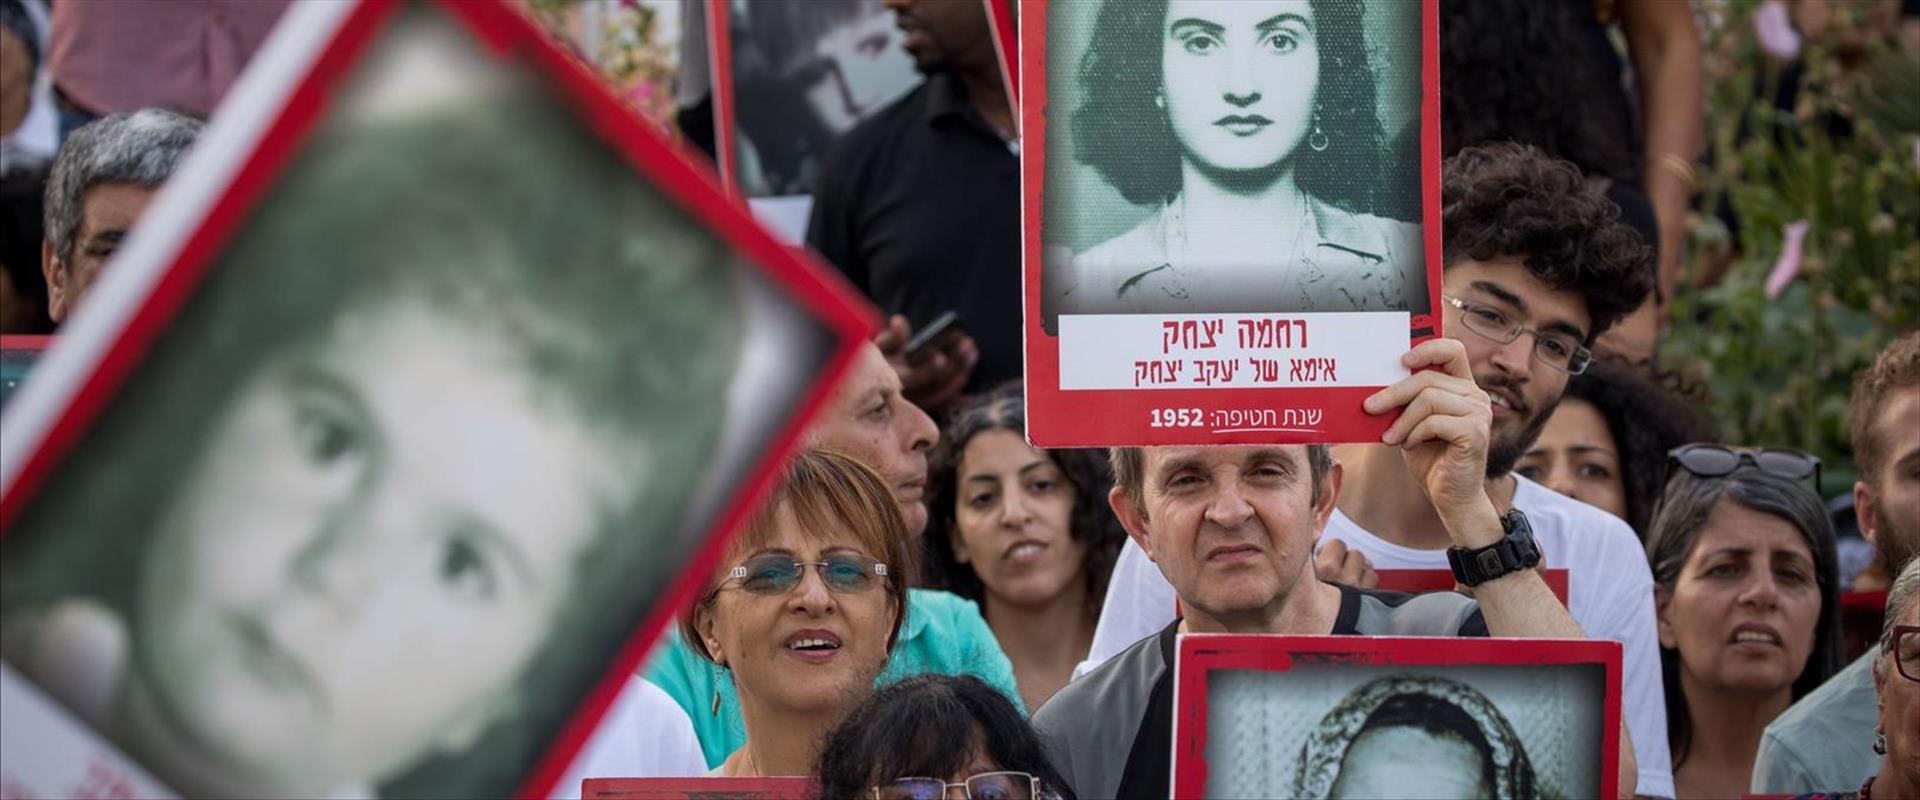 הפגנה לציון יום השנה לפרשת ילדי תימן